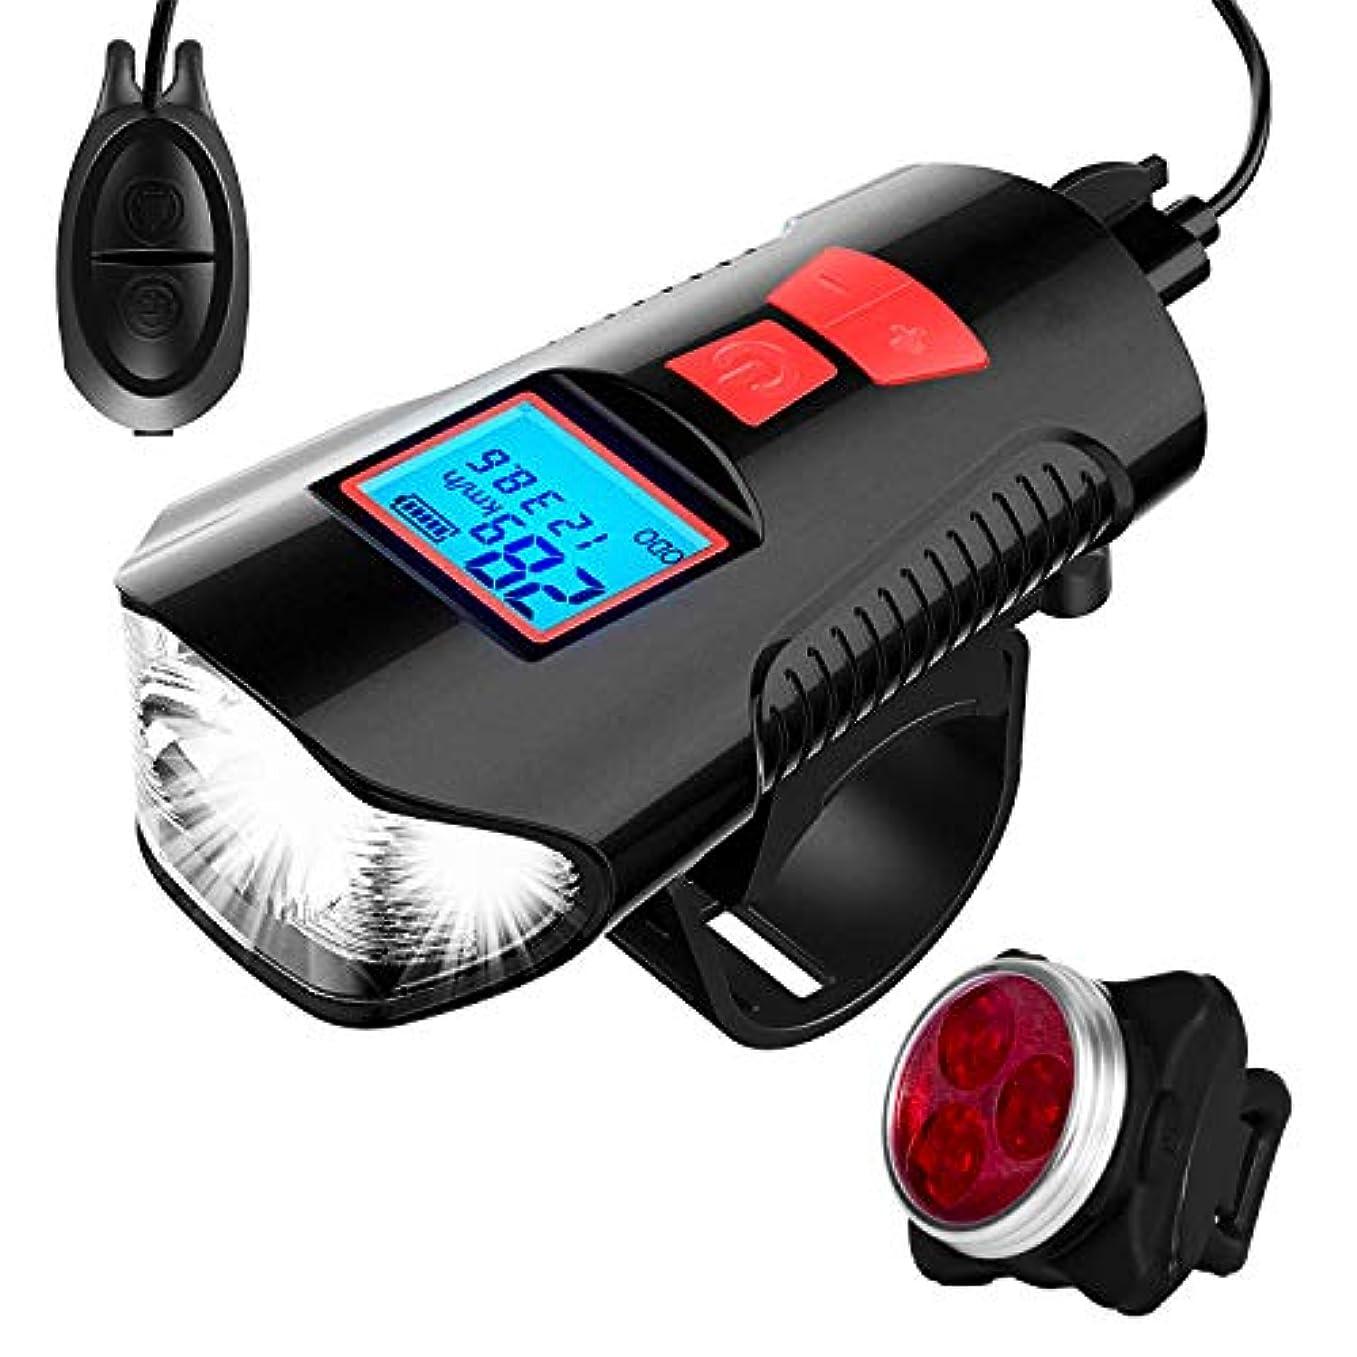 小道具シュートタッチ自転車ヘッドライト テールライト付き、USB 充電式 LED 自転車 ヘッドライト、ライトモード4種類、防水耐震取り付けが簡易1500MHA電池容量夜間乗り、キャンプ、ハイキング、冒険、釣りに最適です[2019年